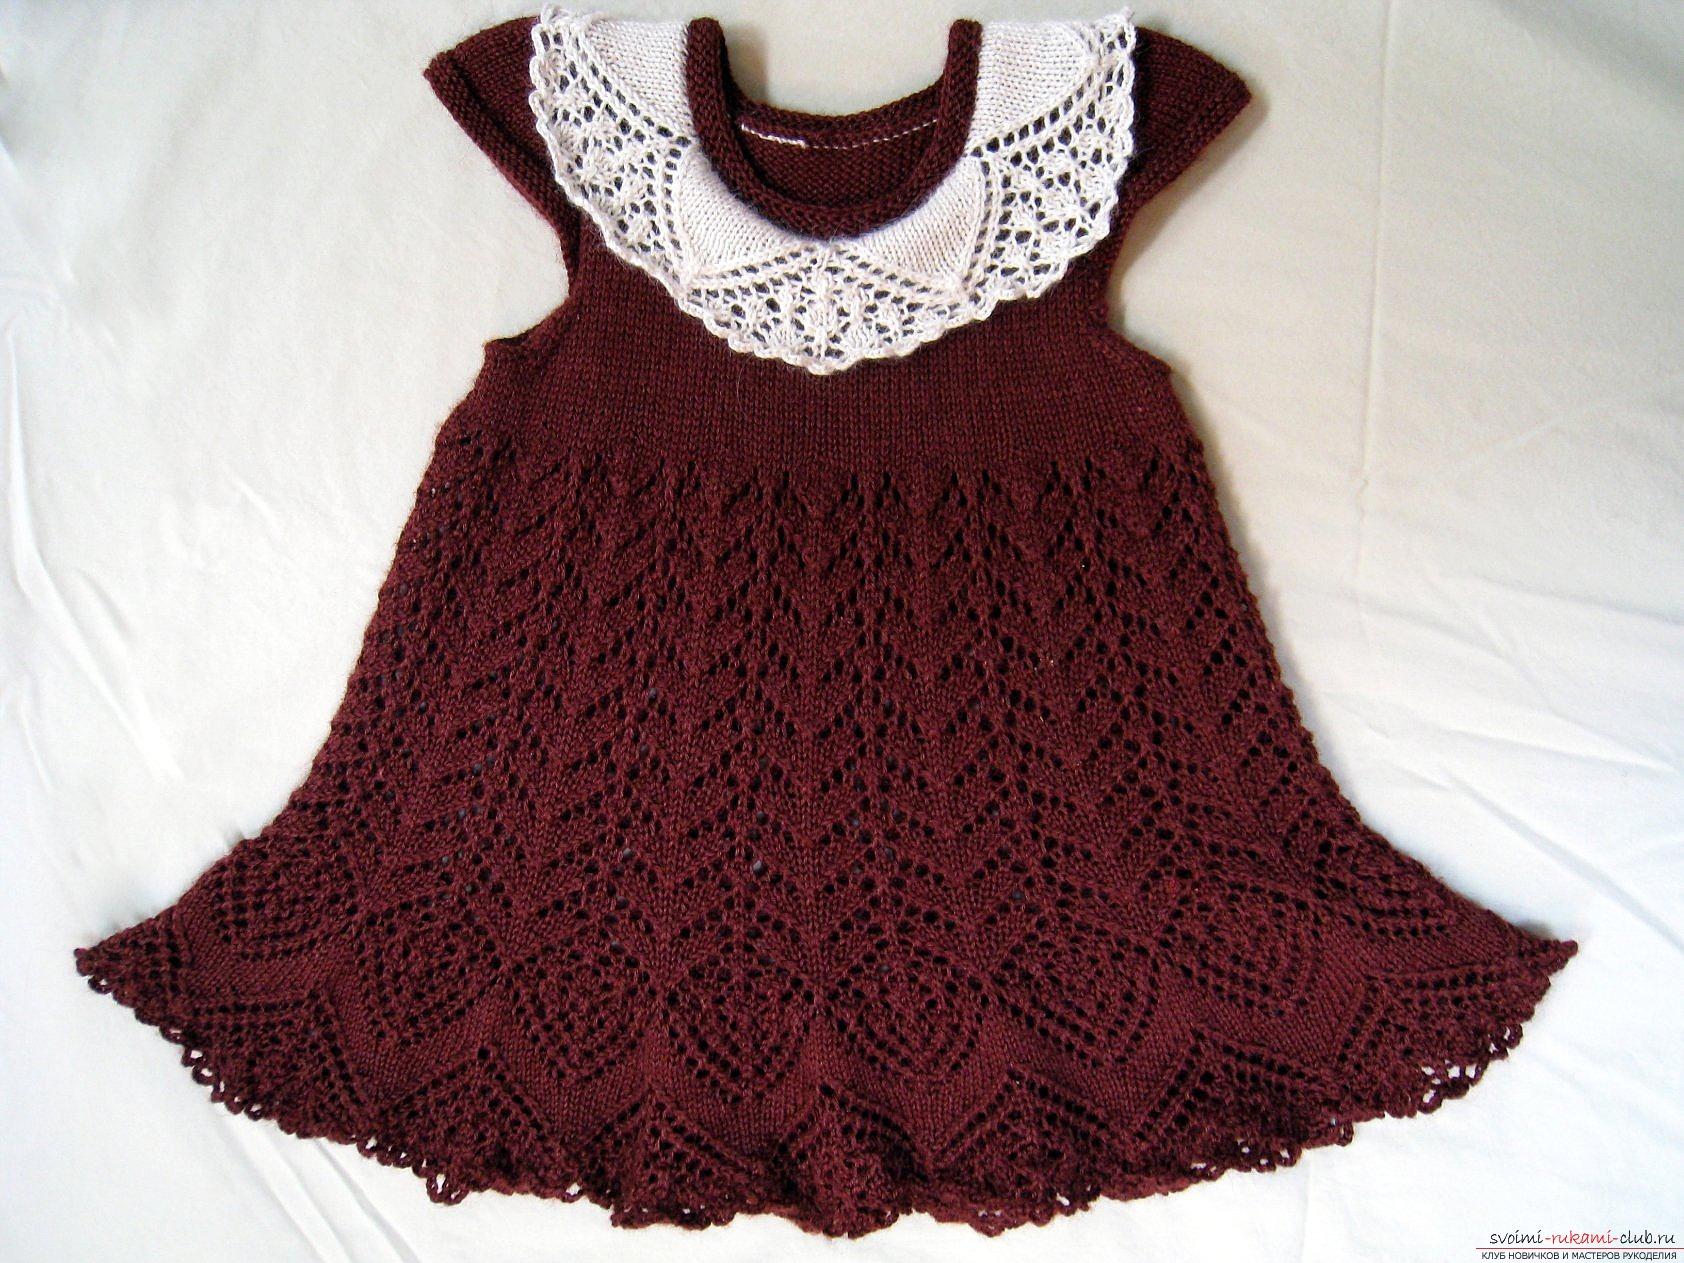 knitting needles for girls. Photo №1